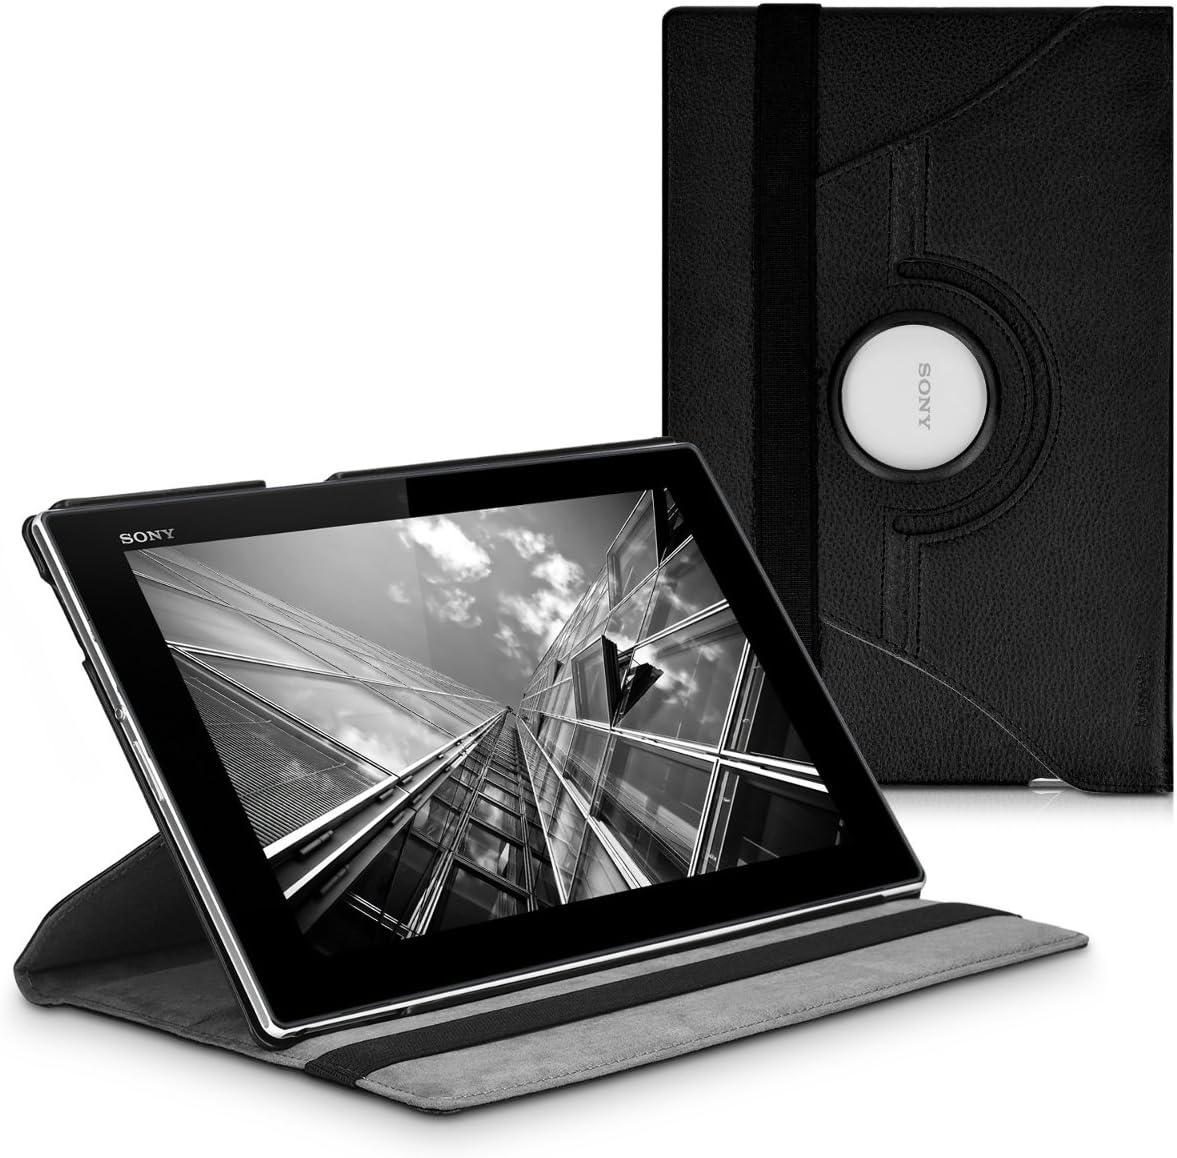 kwmobile Funda compatible con Sony Xperia Tablet Z - Carcasa de cuero sintético para tablet en negro